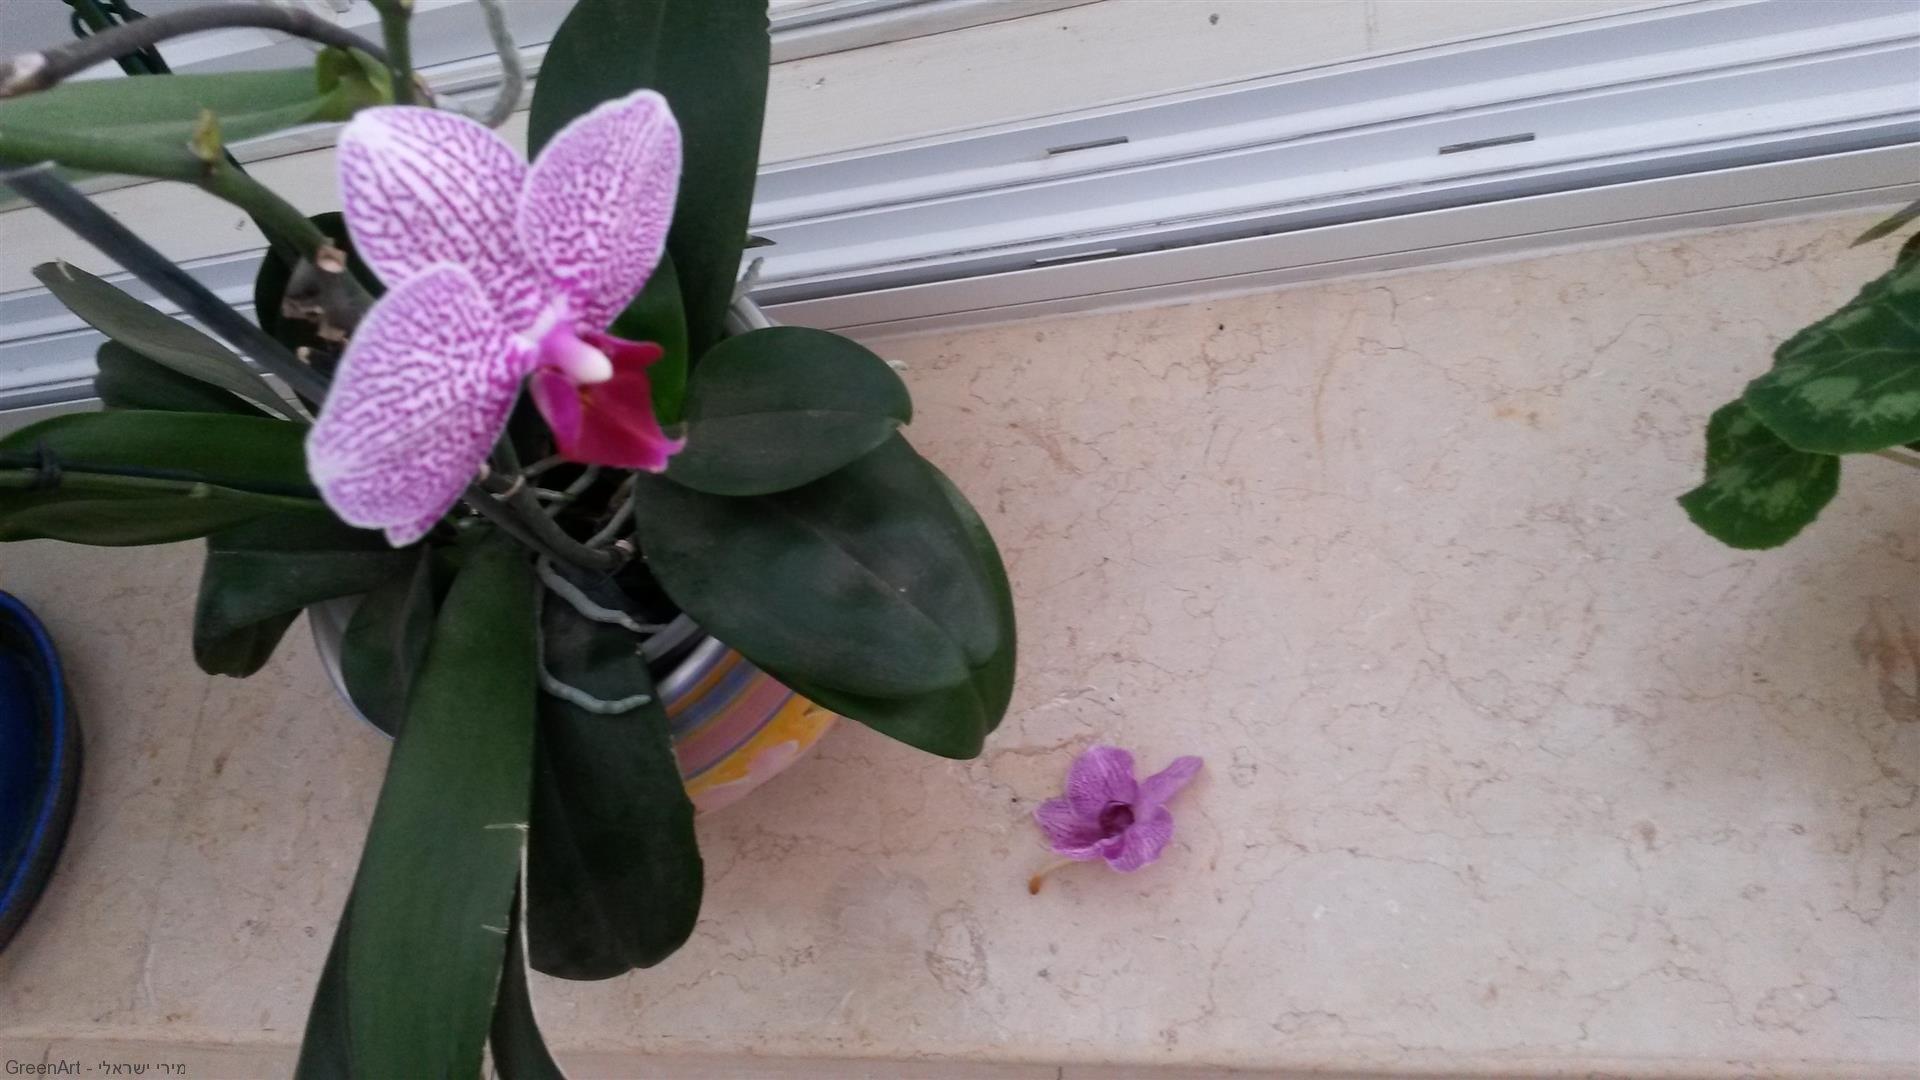 יוני 2014 החלה עונת הנשירה והפרחים הולכים לייבוש בין הספרים